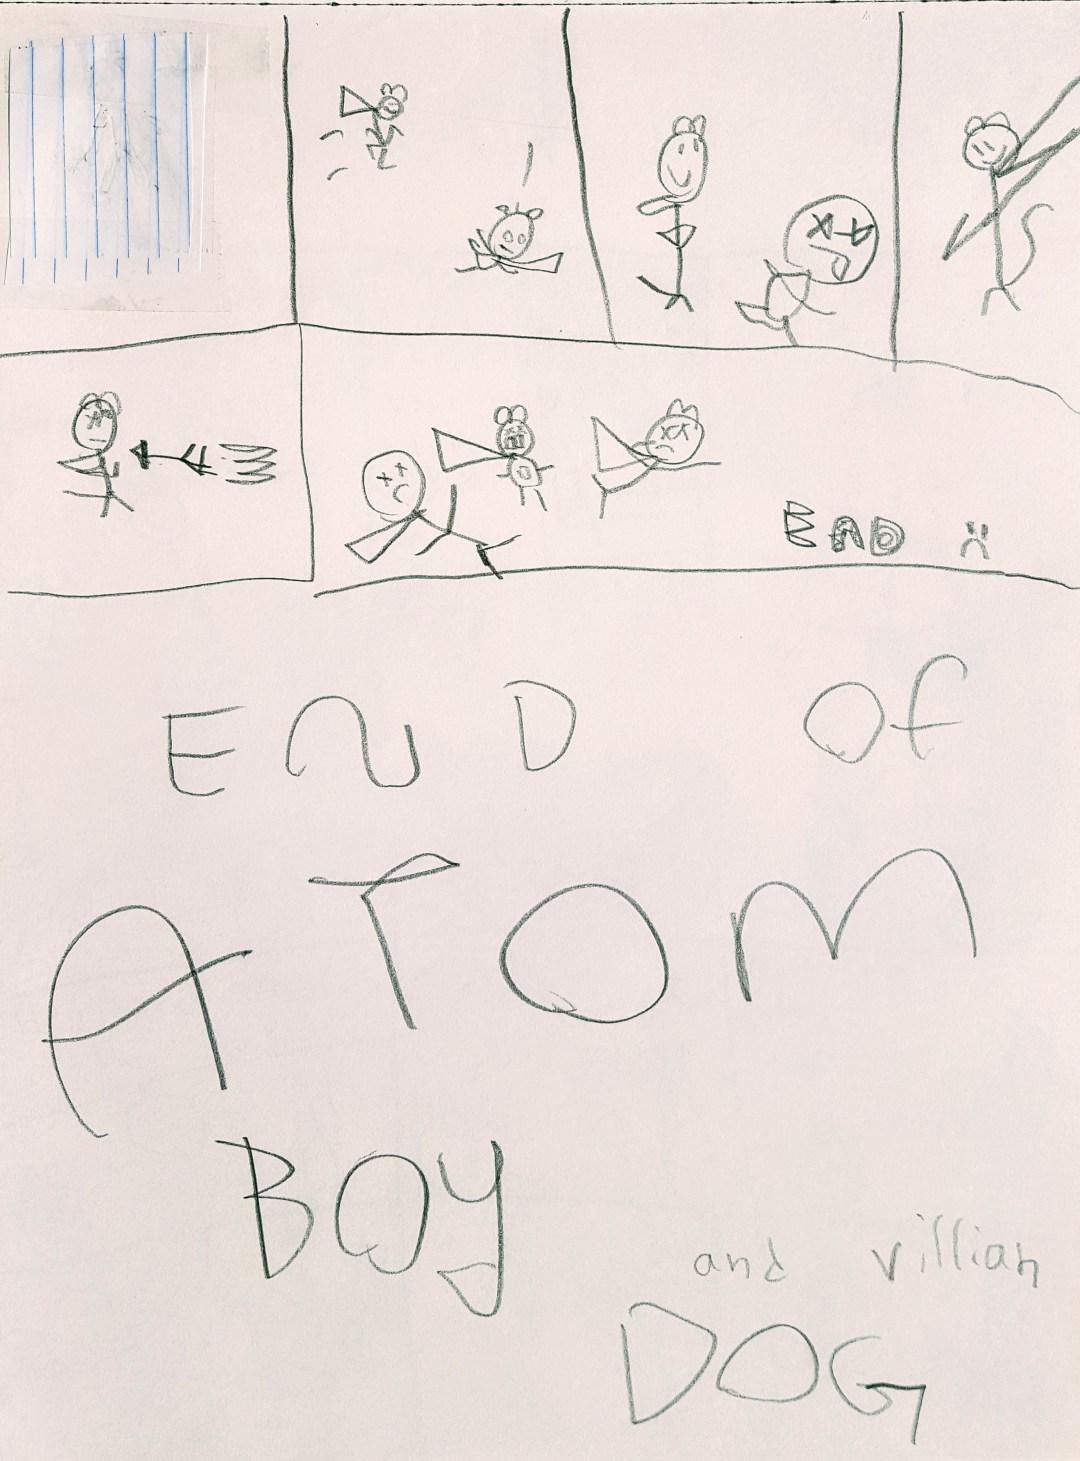 Atom Boy Ends